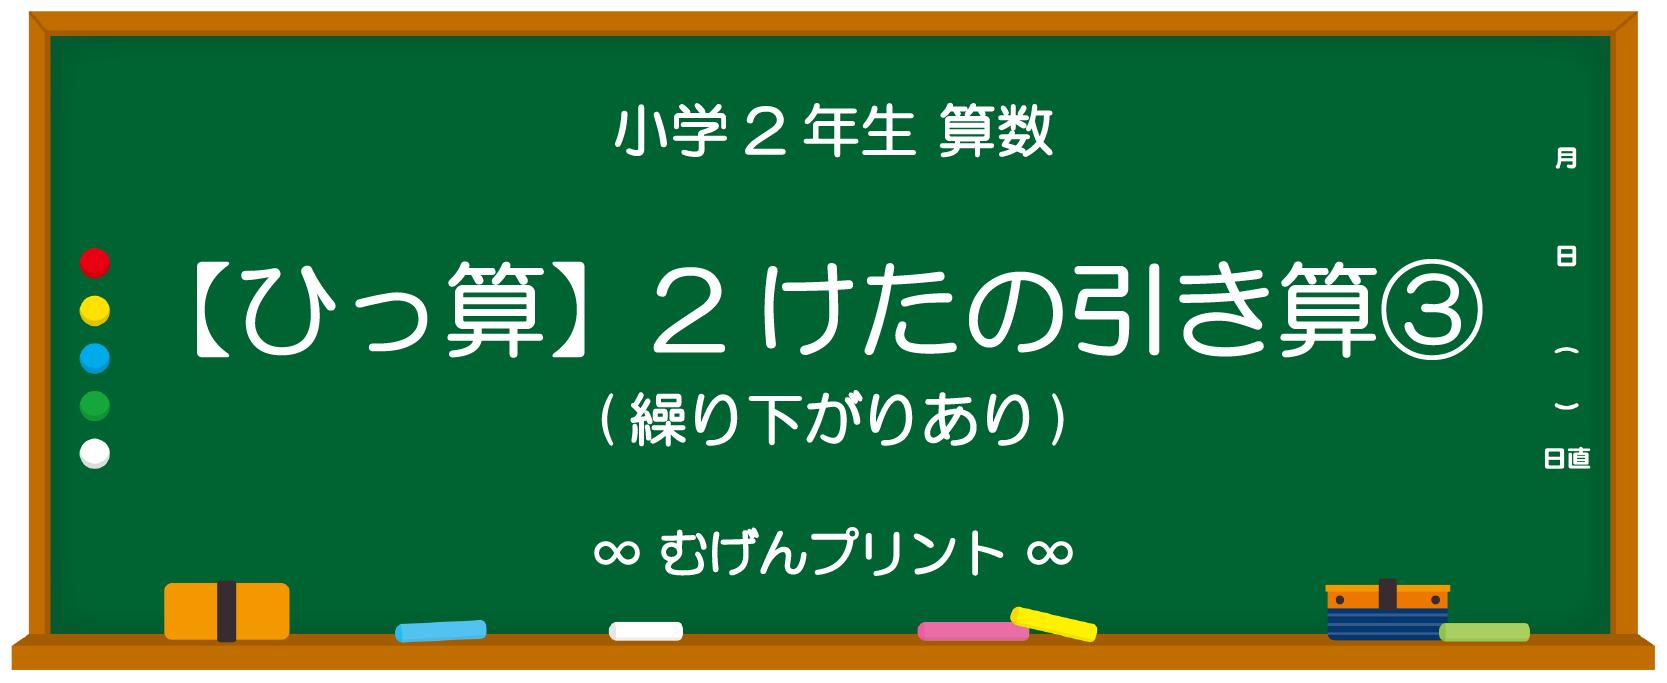 【小2 算数 無料プリント/ミニテスト/ドリル】【ひっ算】2けたの引き算③(繰り下がりあり)